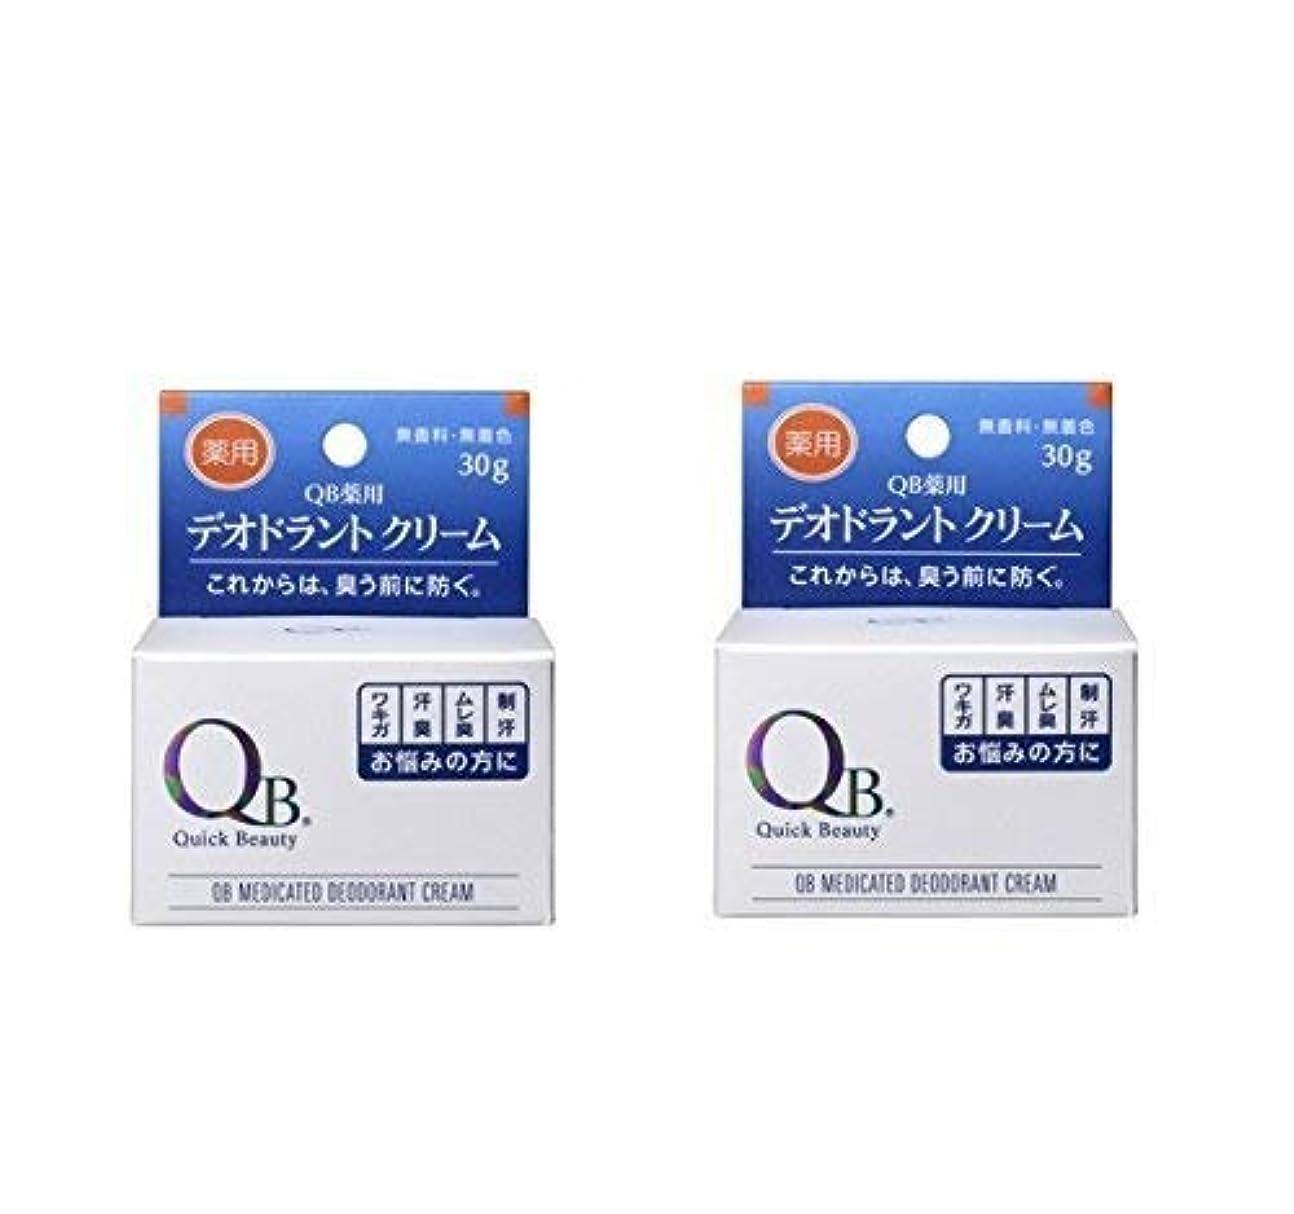 に変わるマーガレットミッチェル使い込むリベルタ QB 薬用 デオドラントクリーム 30g×2個